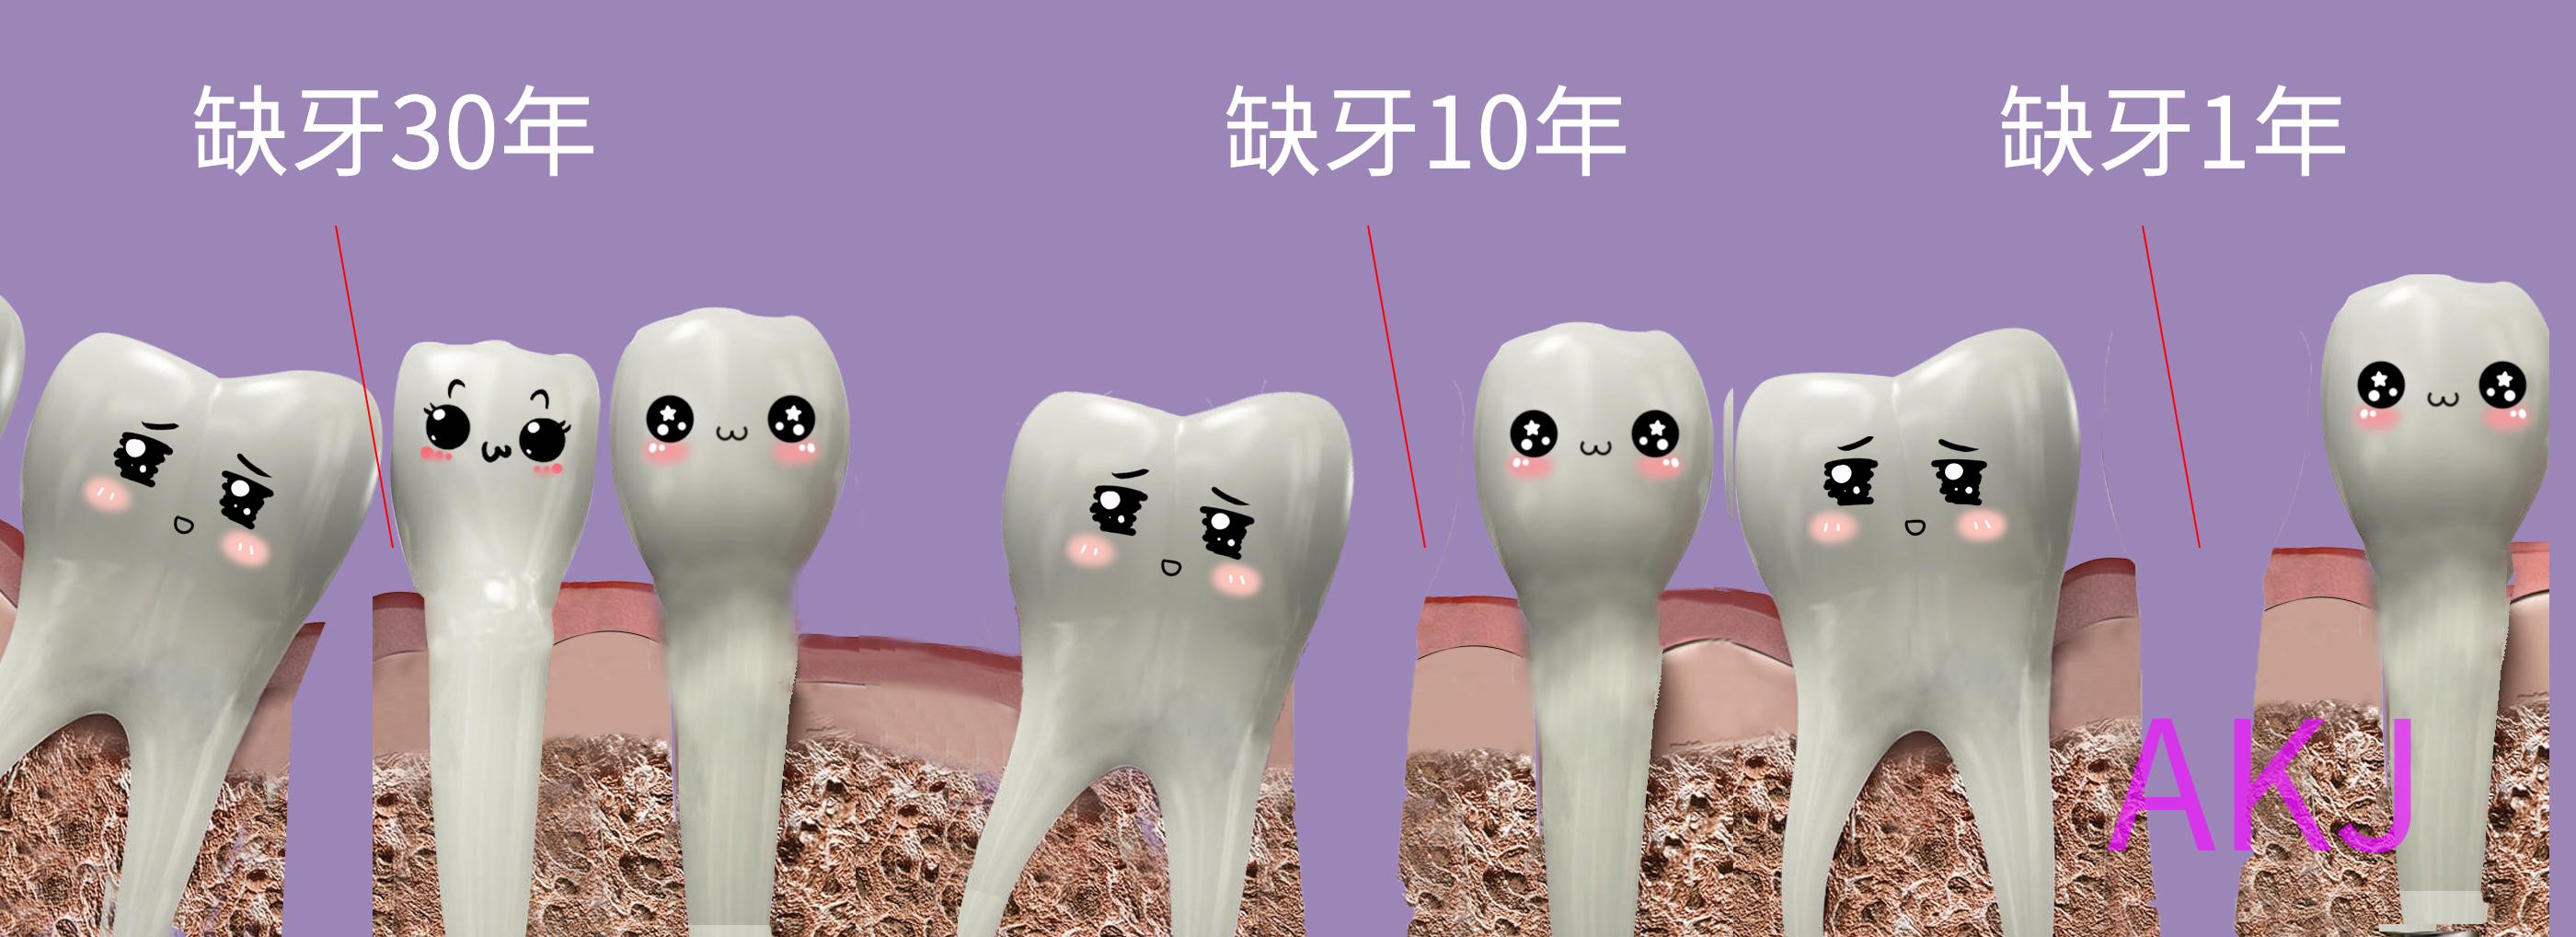 缺牙时间长危害大